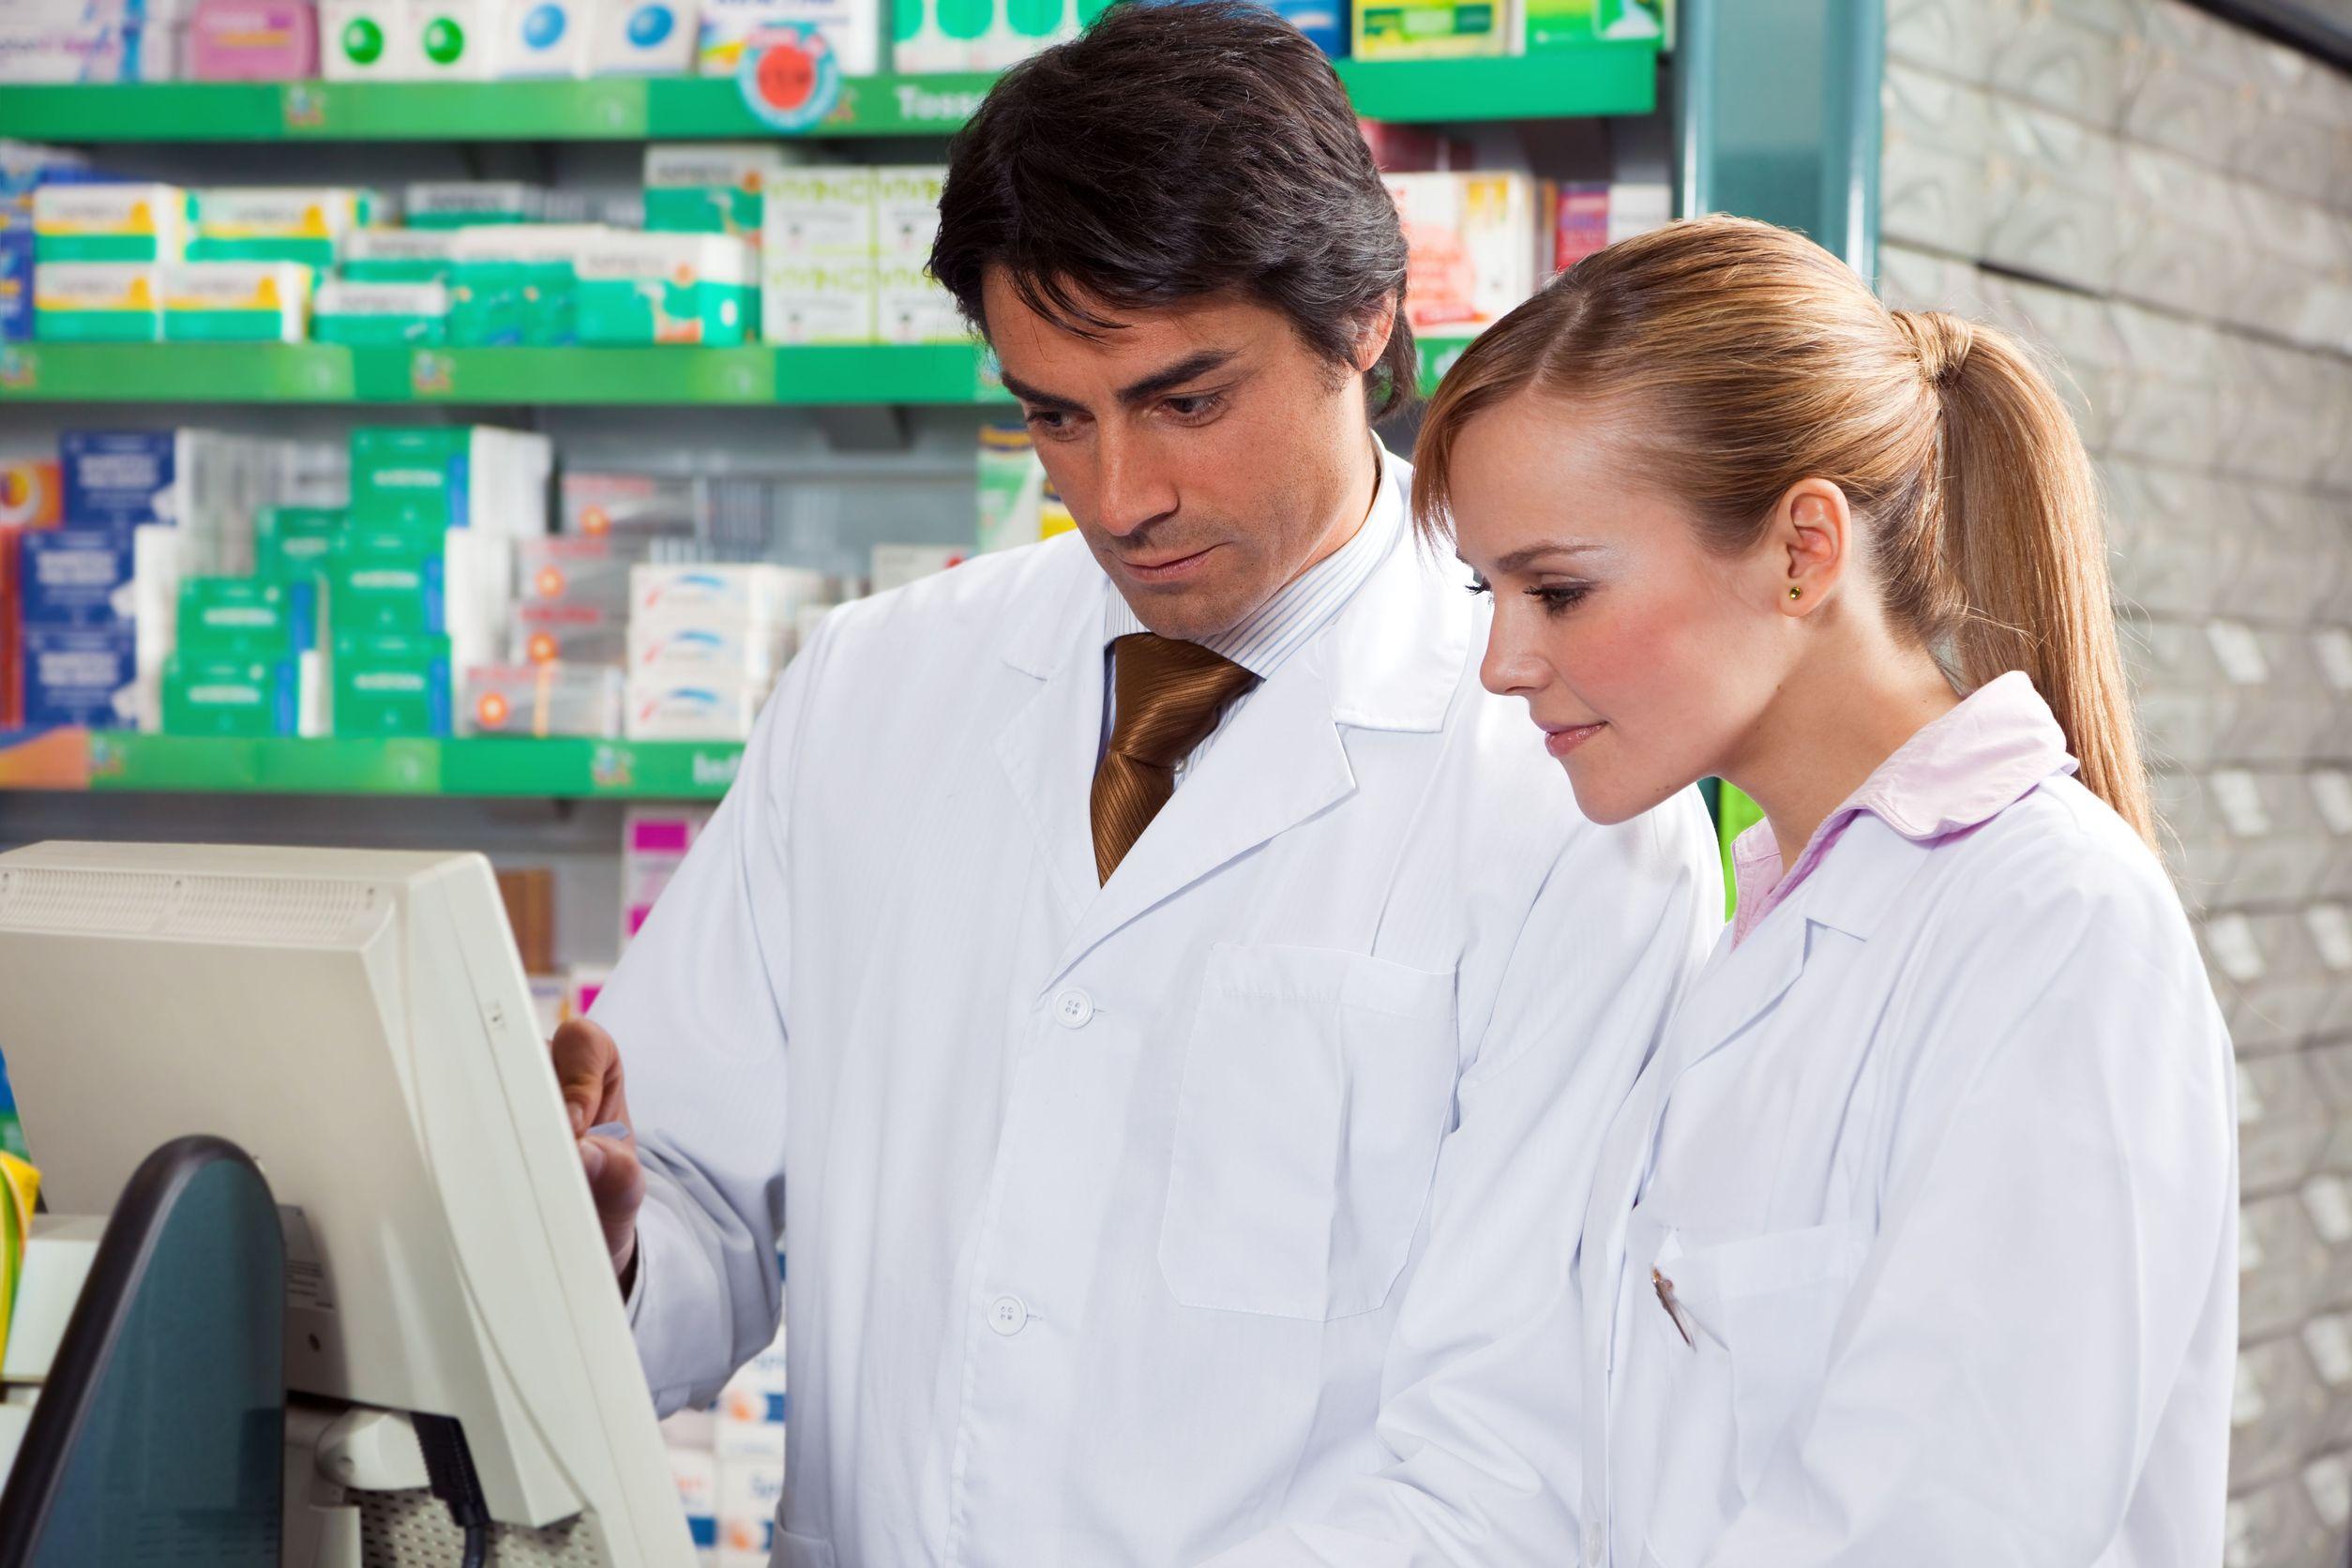 Vidéosurveillance pharmacie